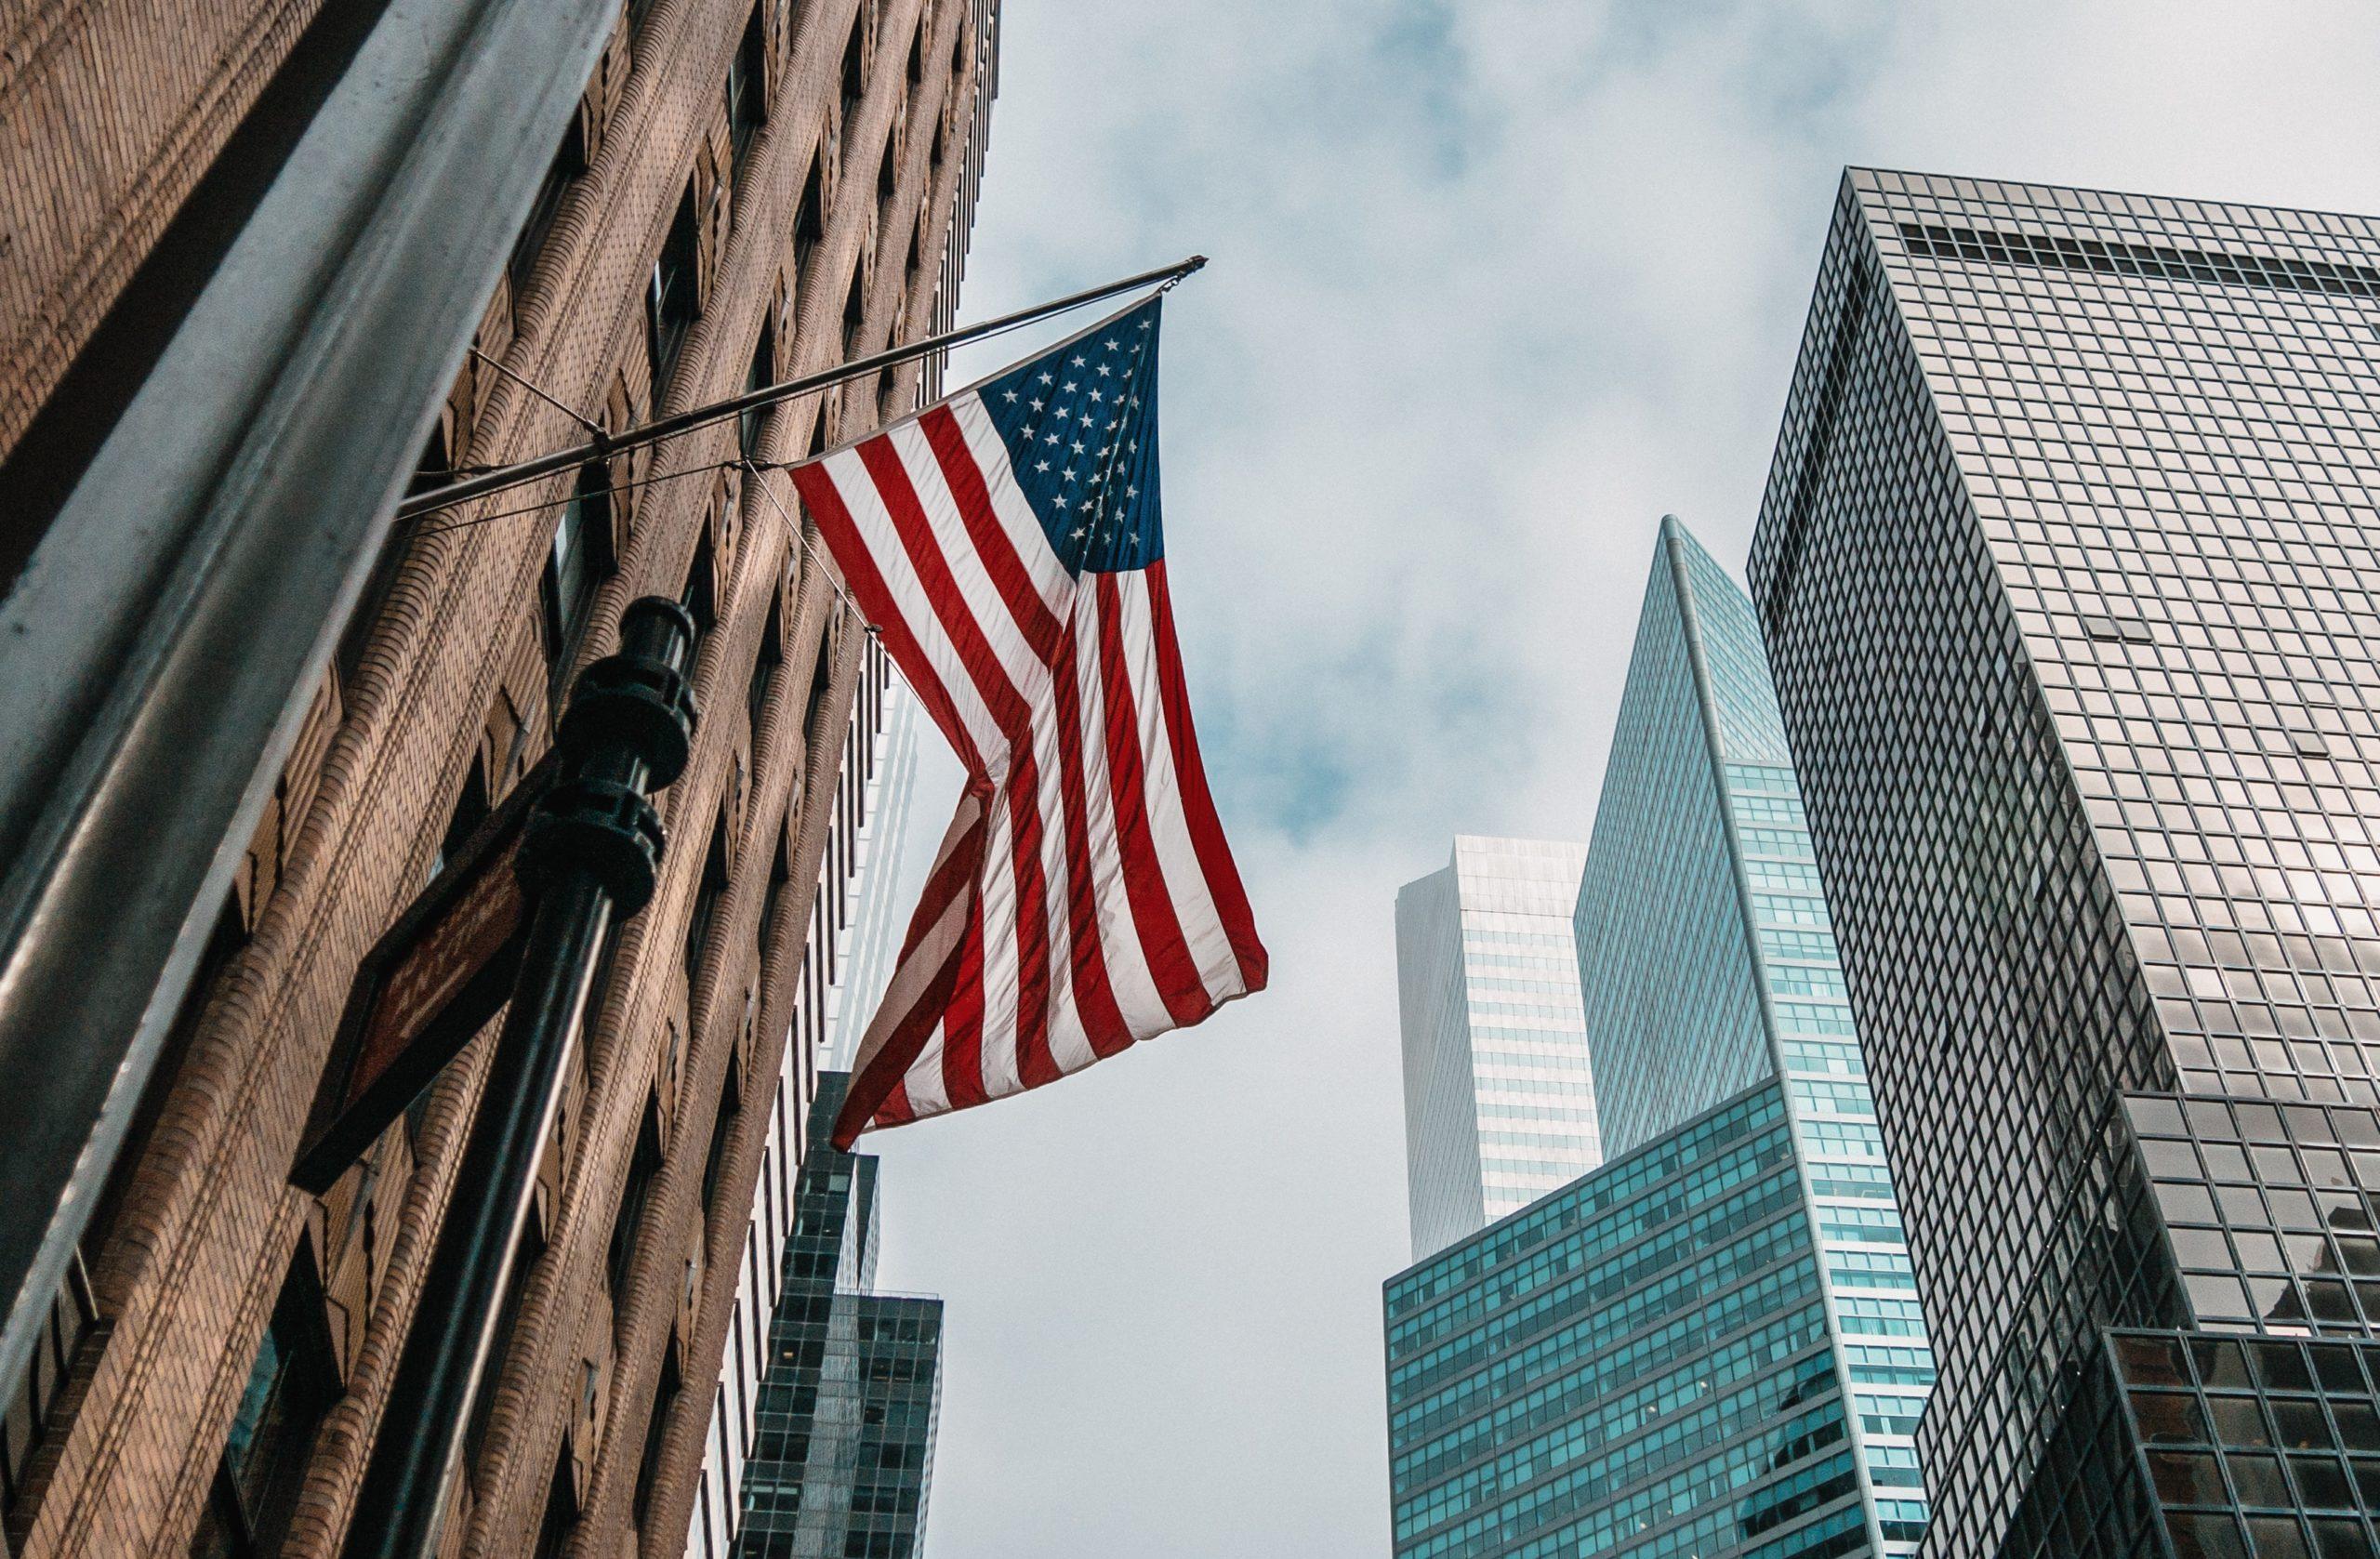 USA keelas valitsusorganisatsioonidel väljastada Venemaale laenusid